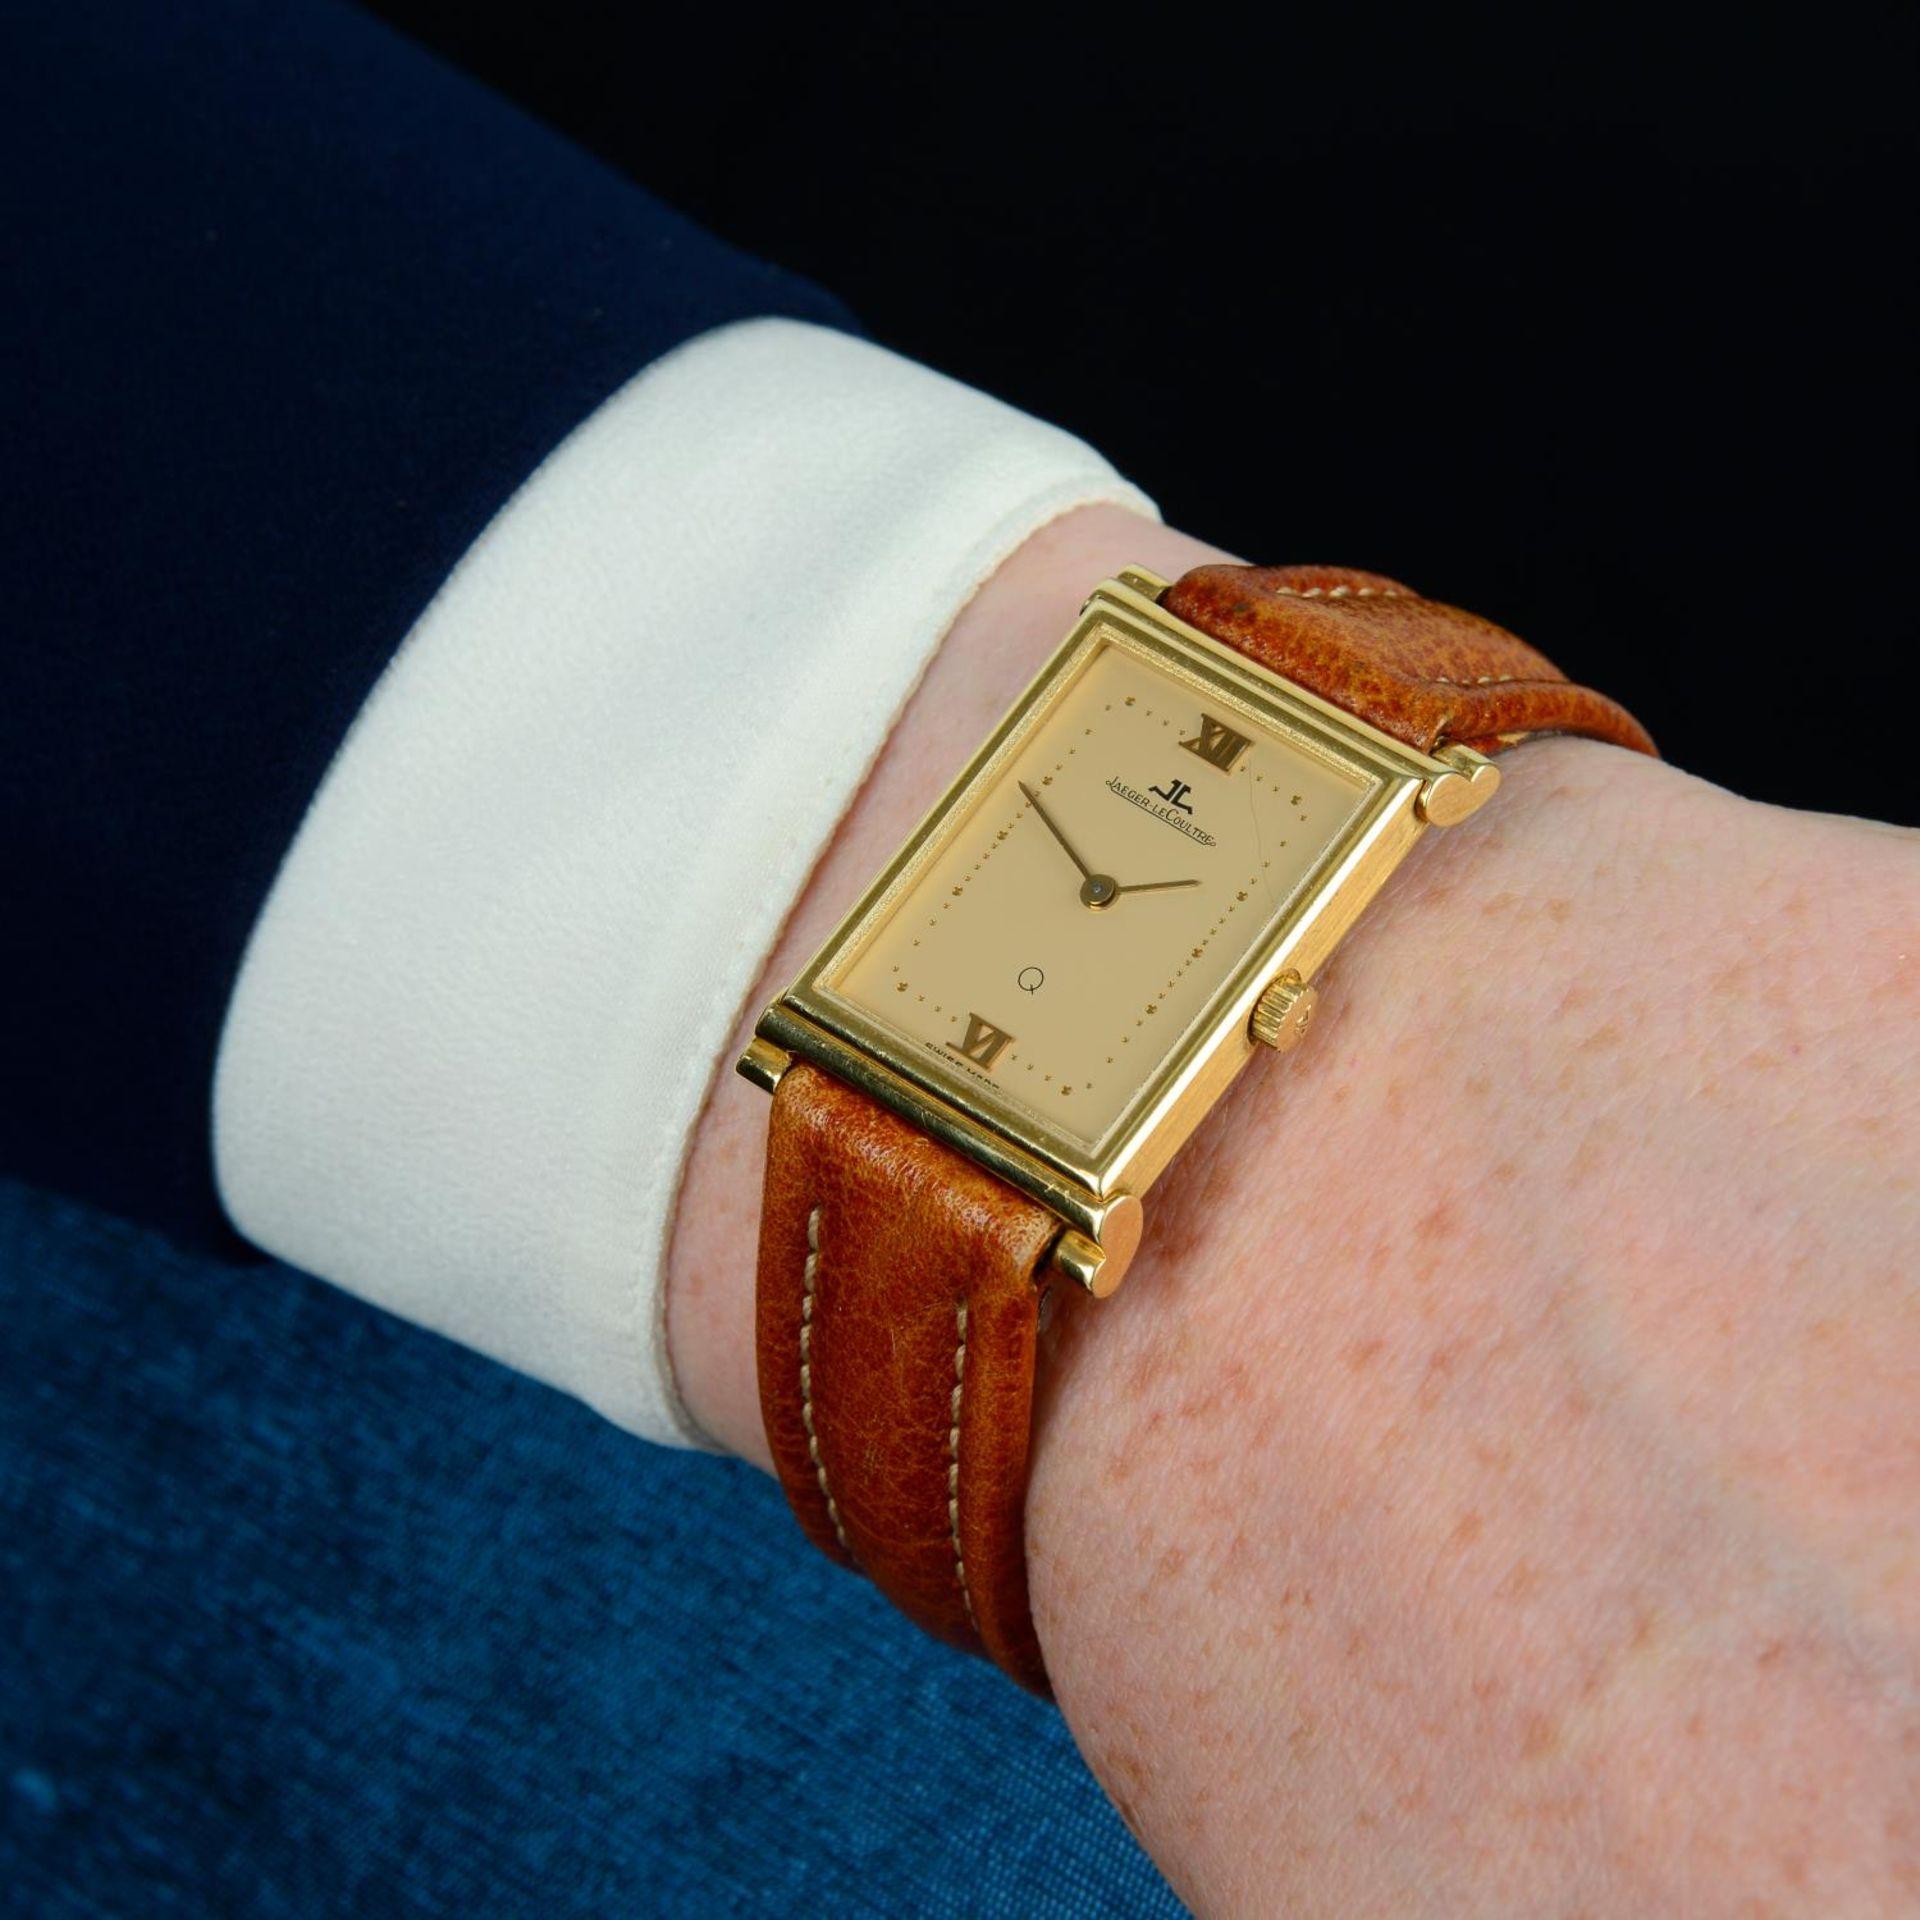 JAEGER-LECOULTRE - a wrist watch. - Bild 3 aus 5